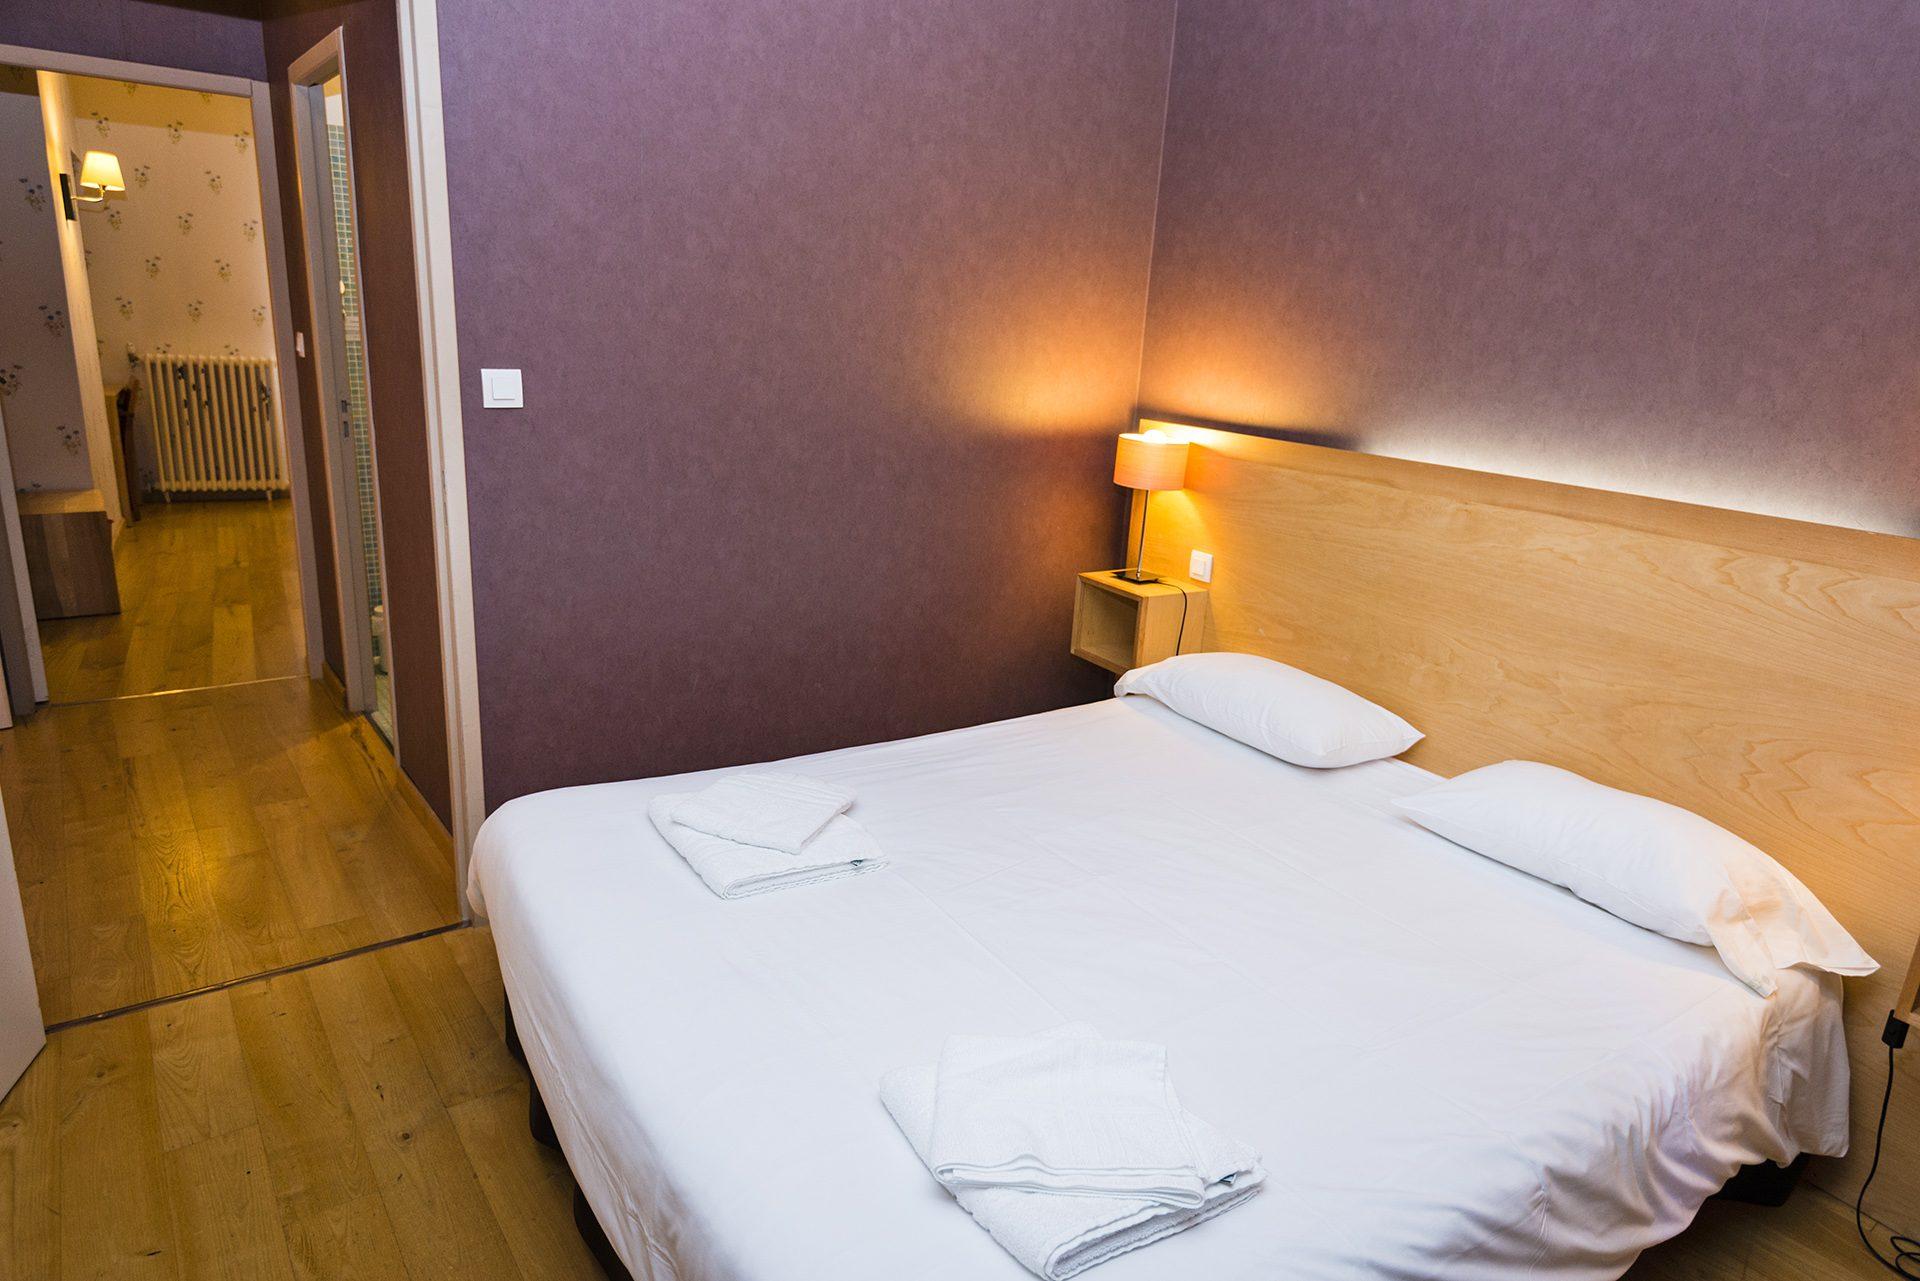 Chambre Familiale - Hôtel *** Le Chalet à Ax les Thermes en Ariège Pyrénées